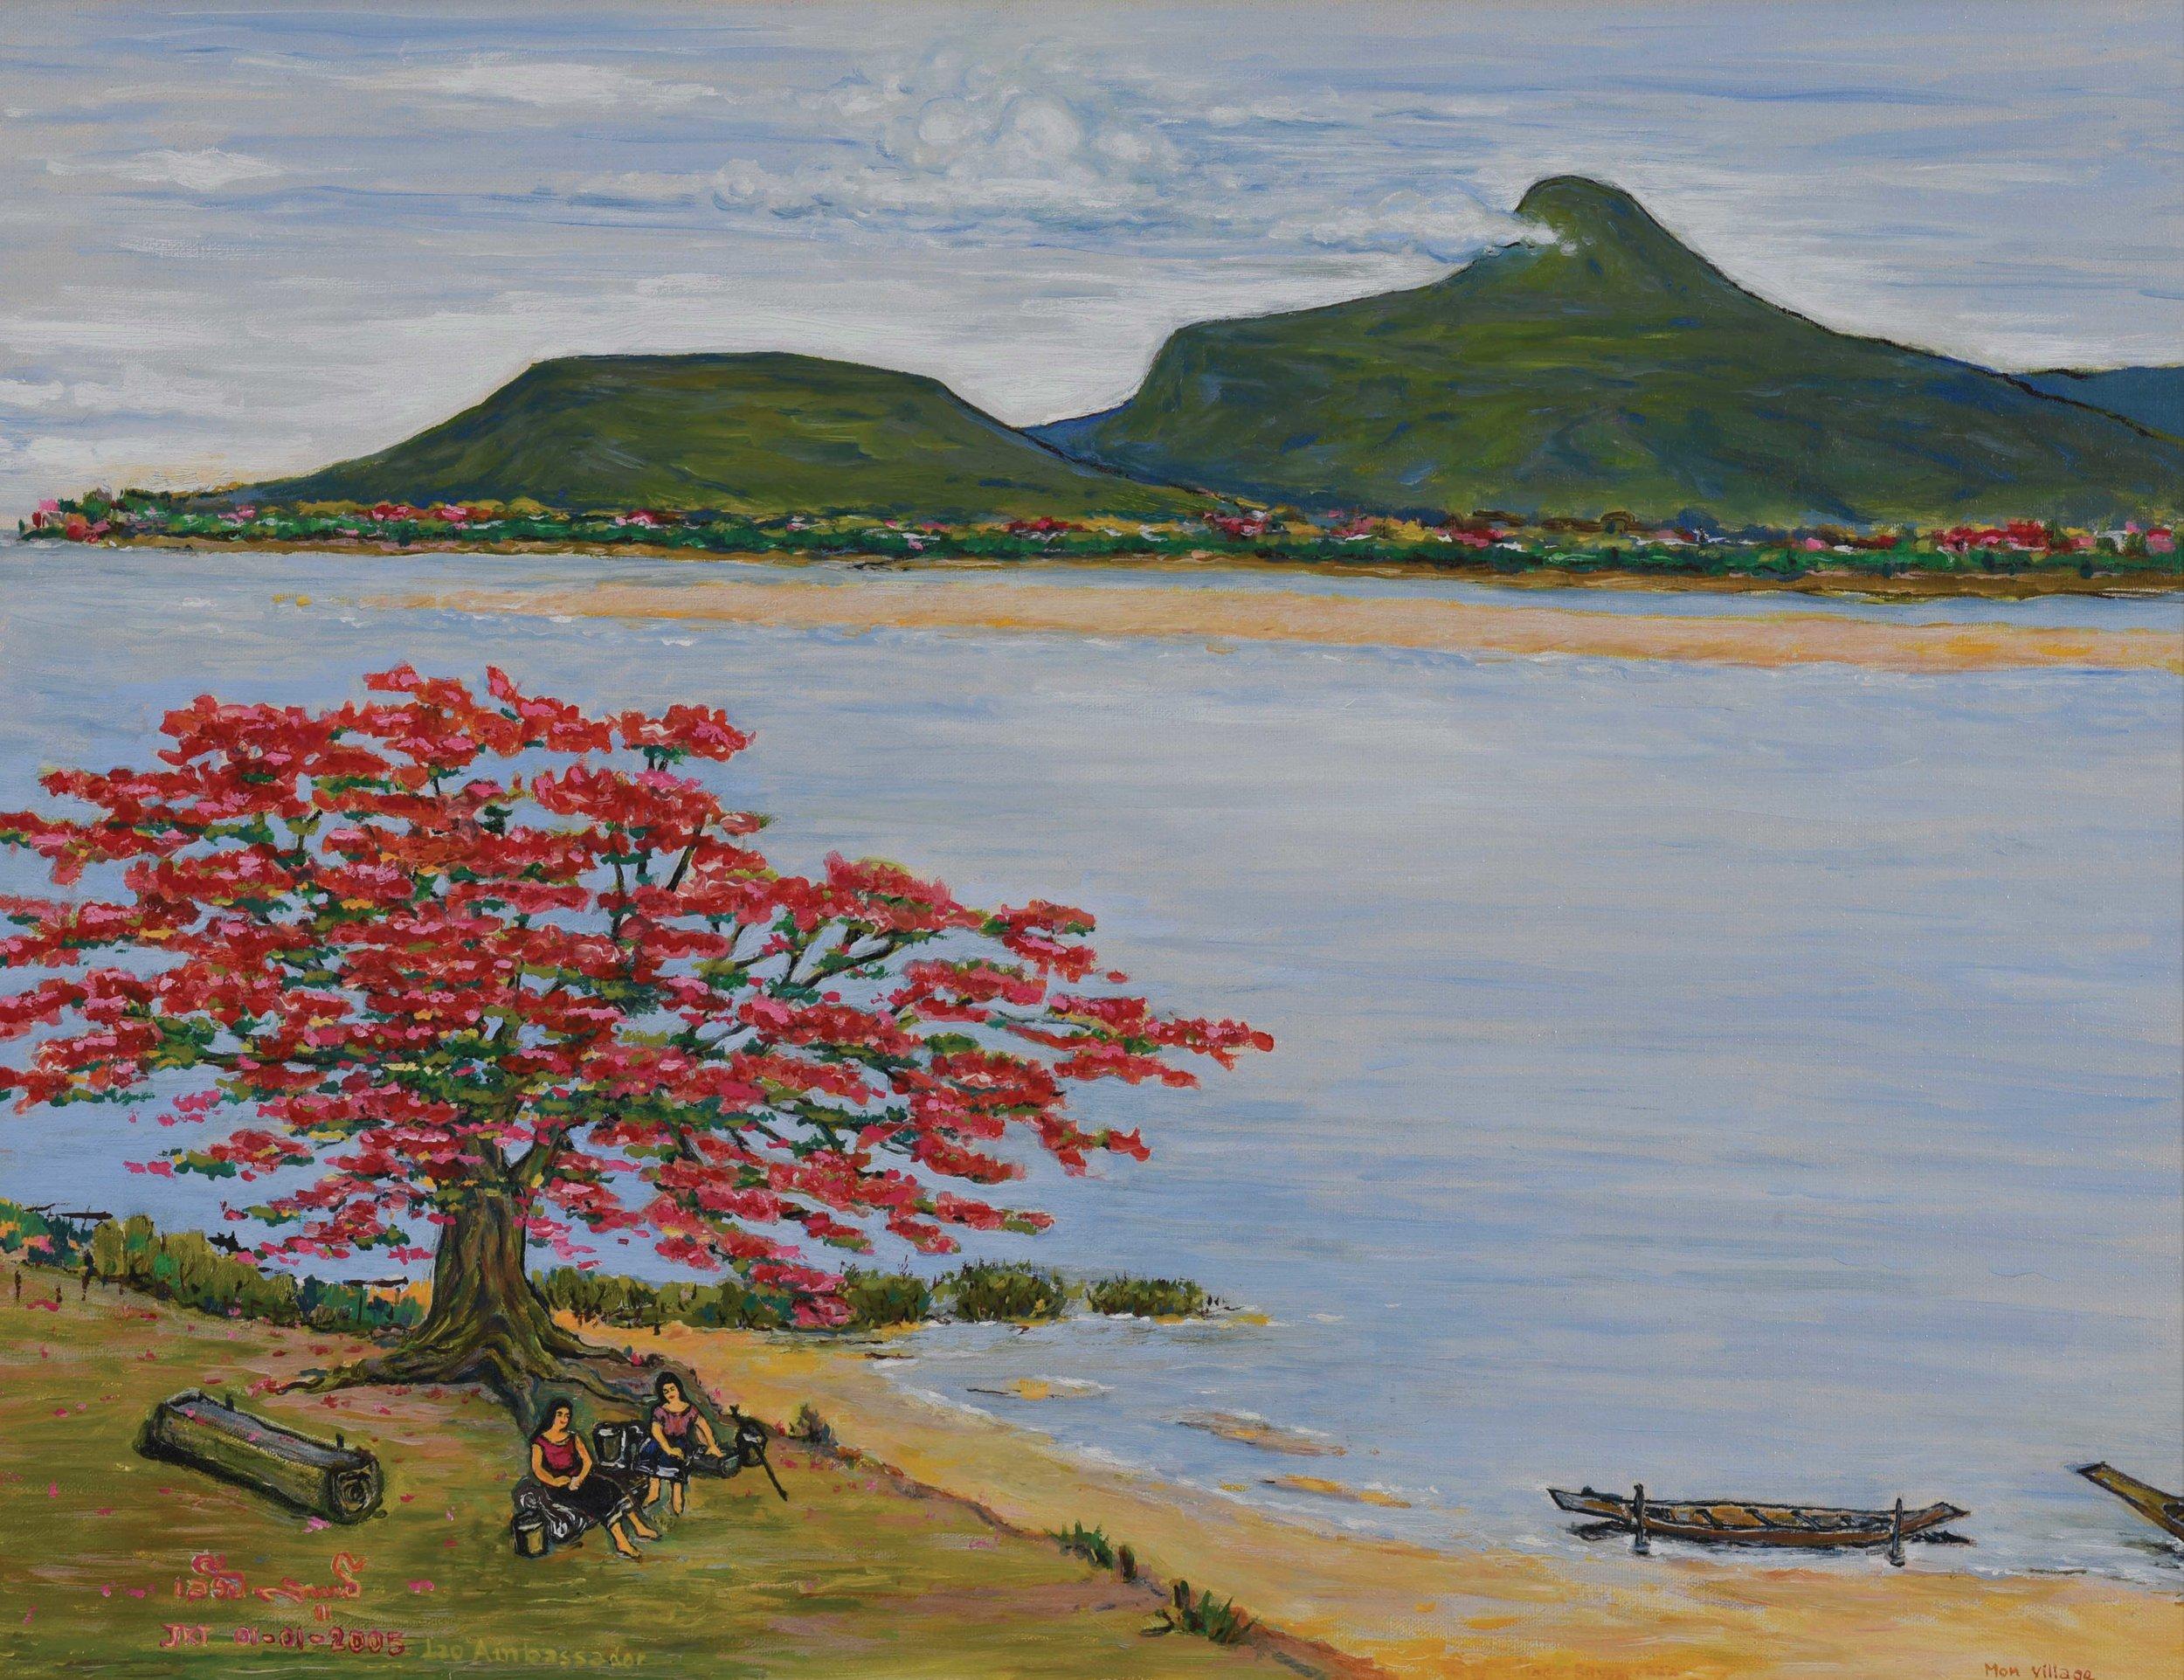 Leuane Sombounkhan (Laotian, 1936-2009)